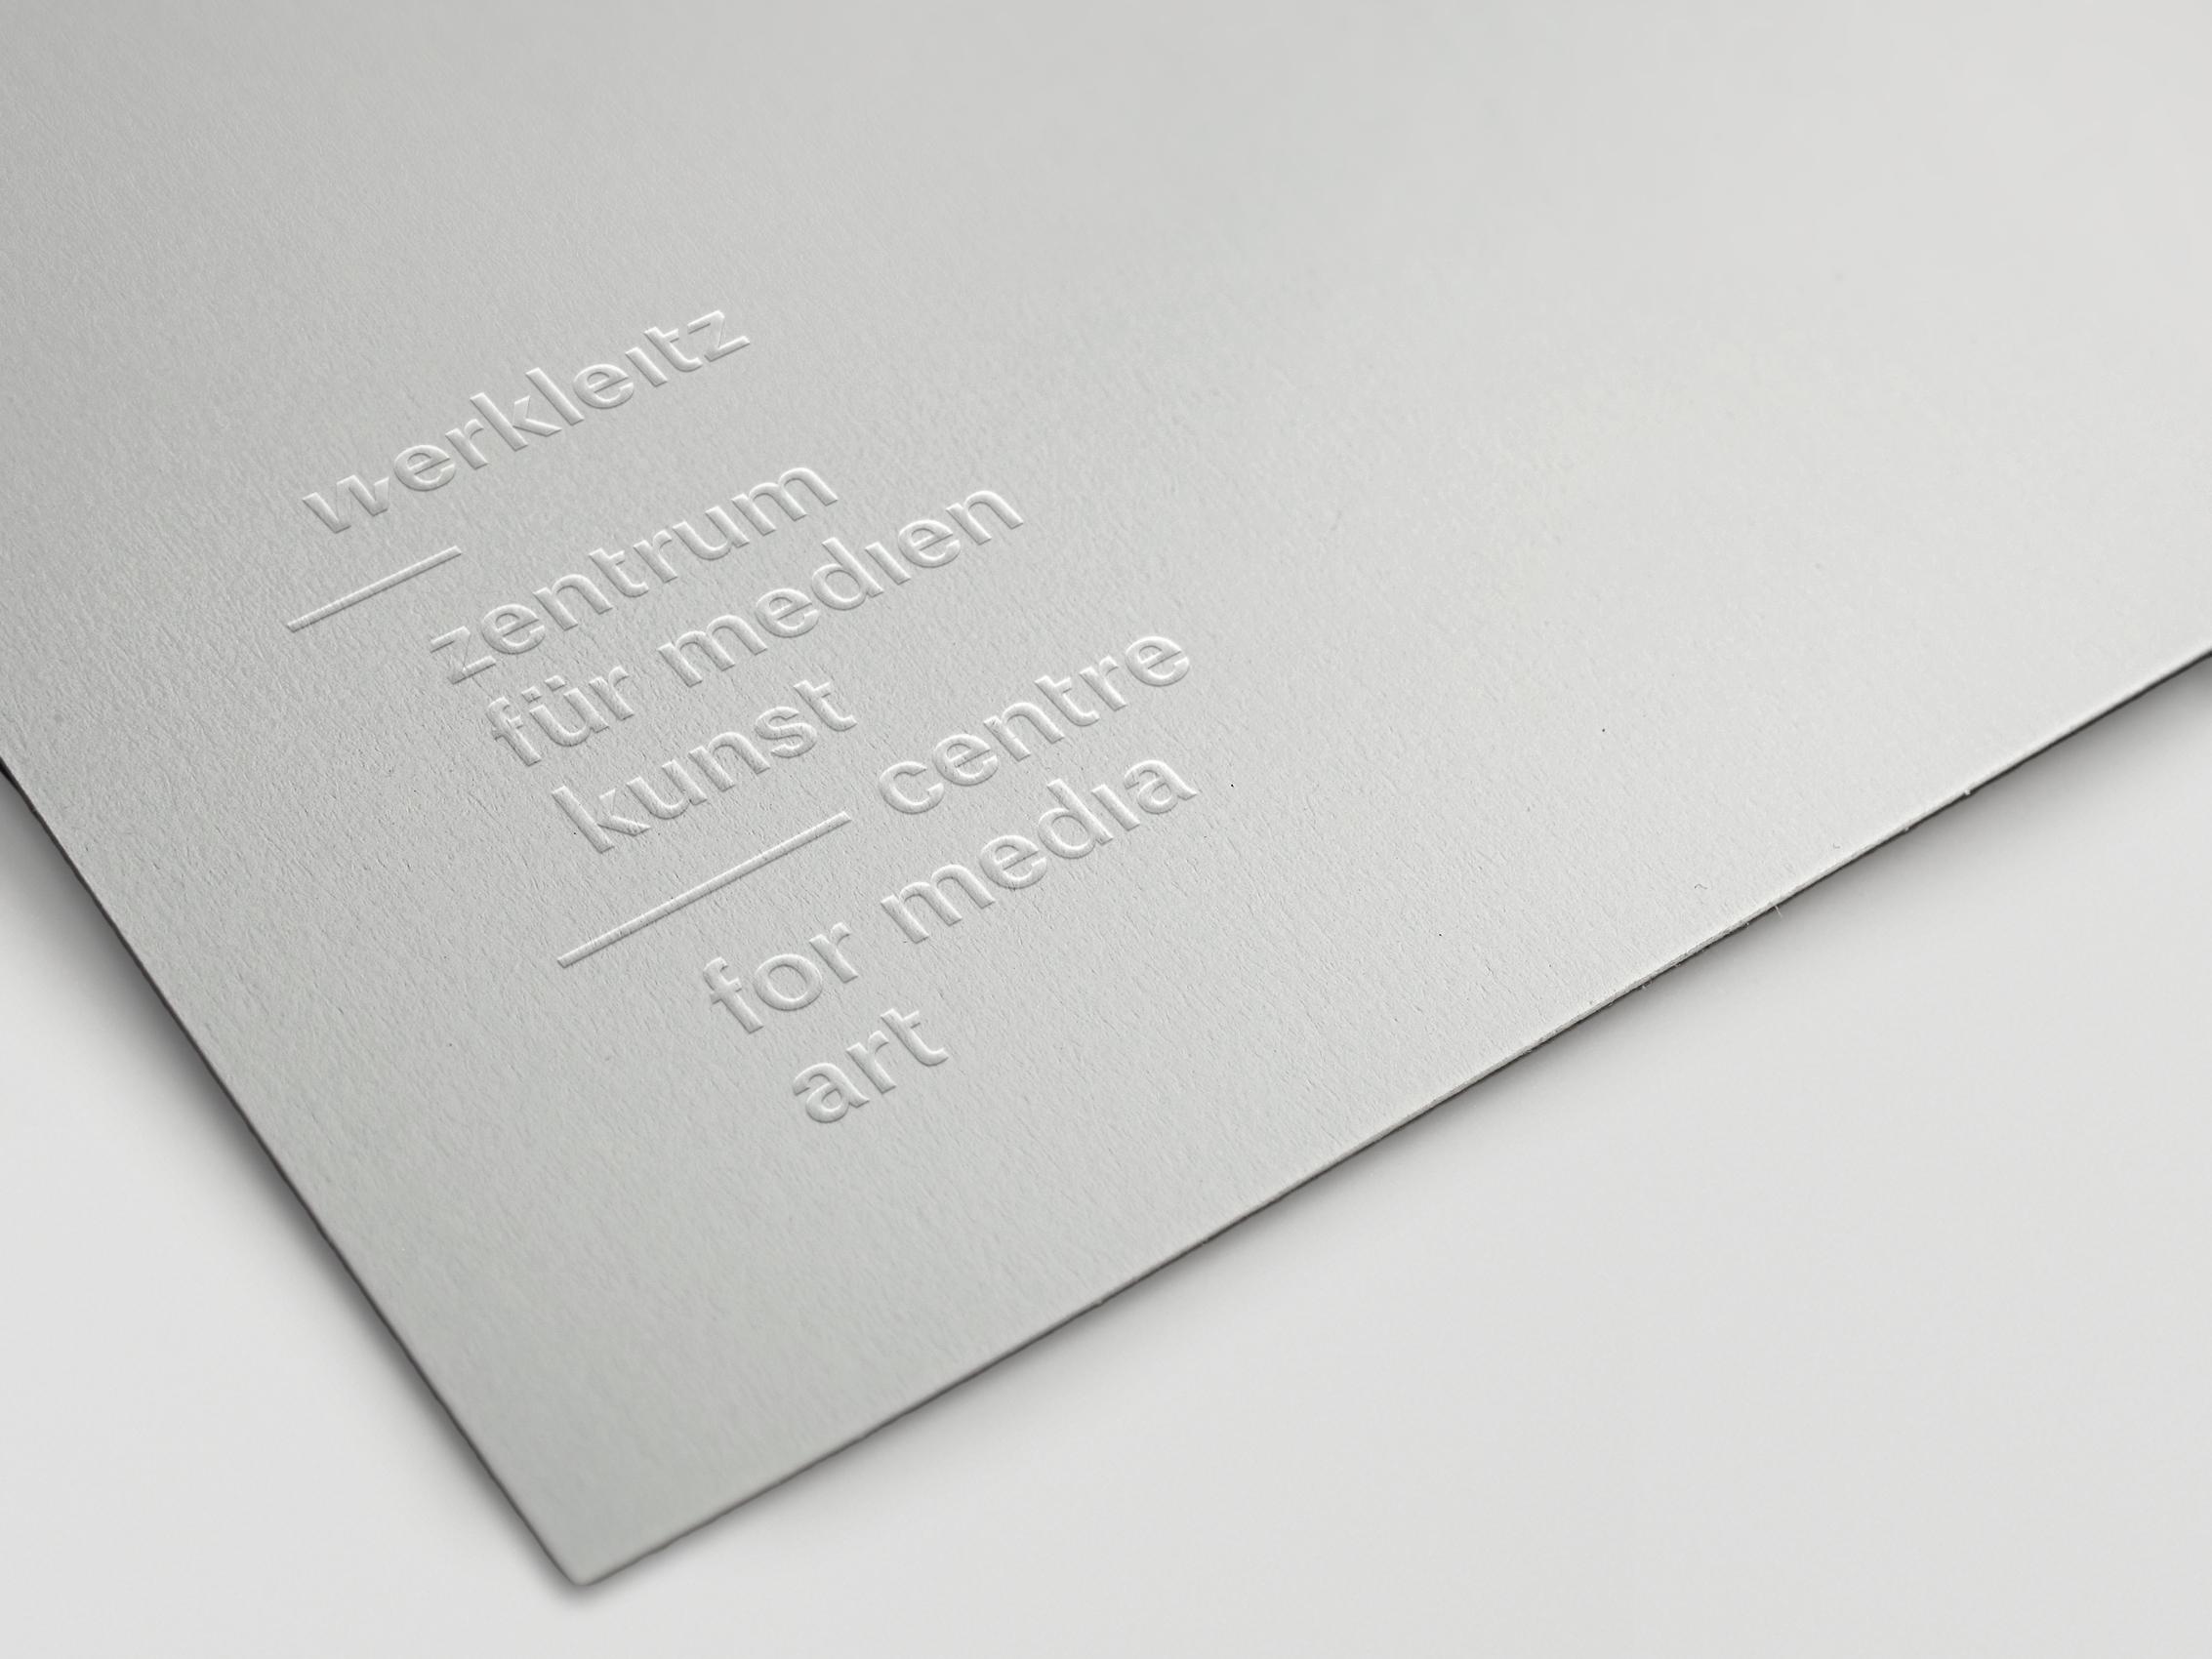 werkleitz_Logo_Embossed_Marcel-Lunkwitz